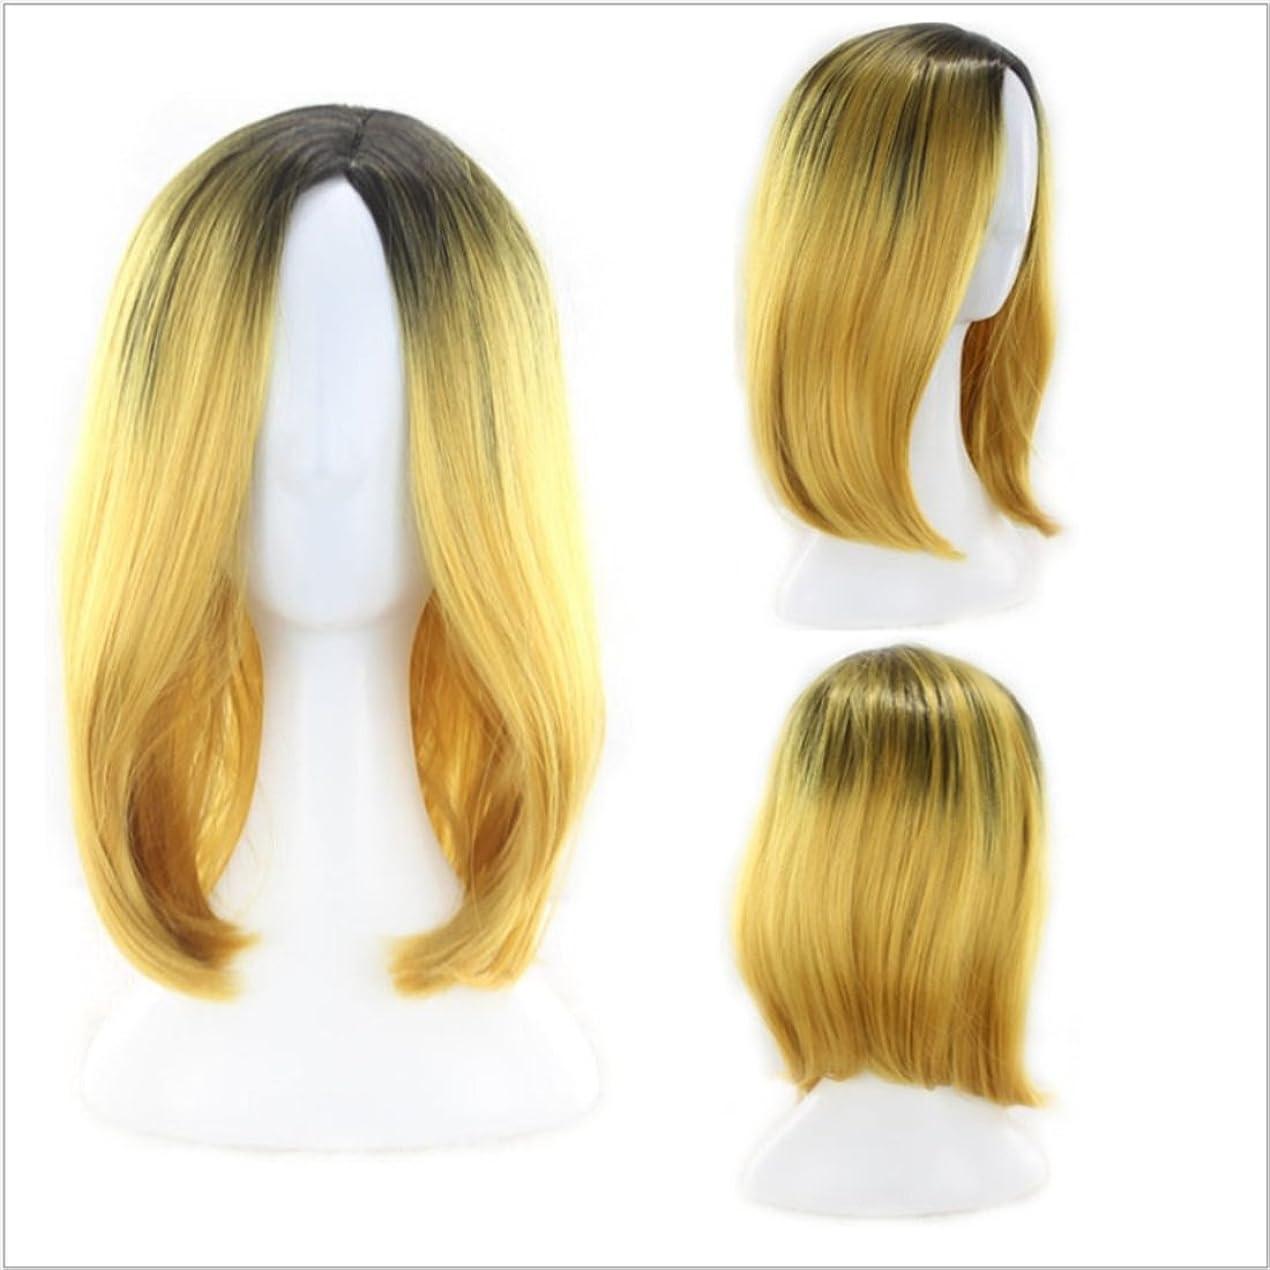 愛国的な過去限りなくHOHYLLYA ナチュラルグラデーションカラーかつら女性用ショートボボヘッドかつら髪耐熱性かつら長さ35cmファッションかつら (色 : イエロー)